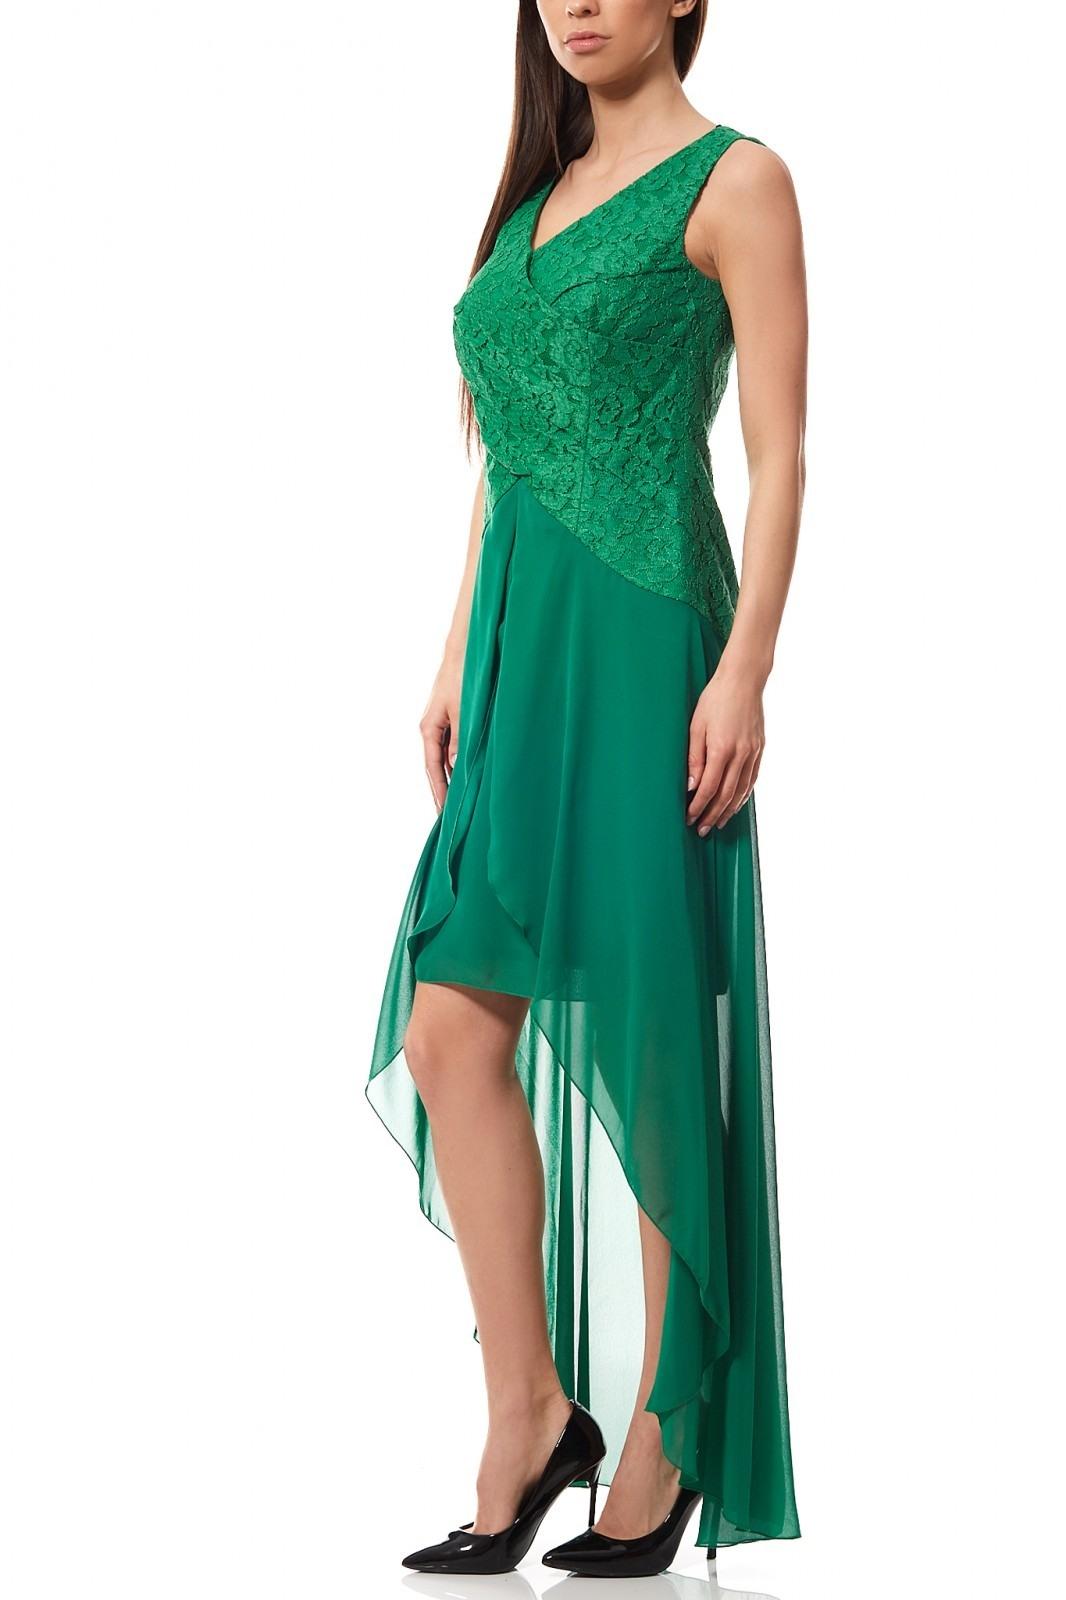 Formal Luxurius Kleid Grün Spitze StylishDesigner Schön Kleid Grün Spitze Vertrieb